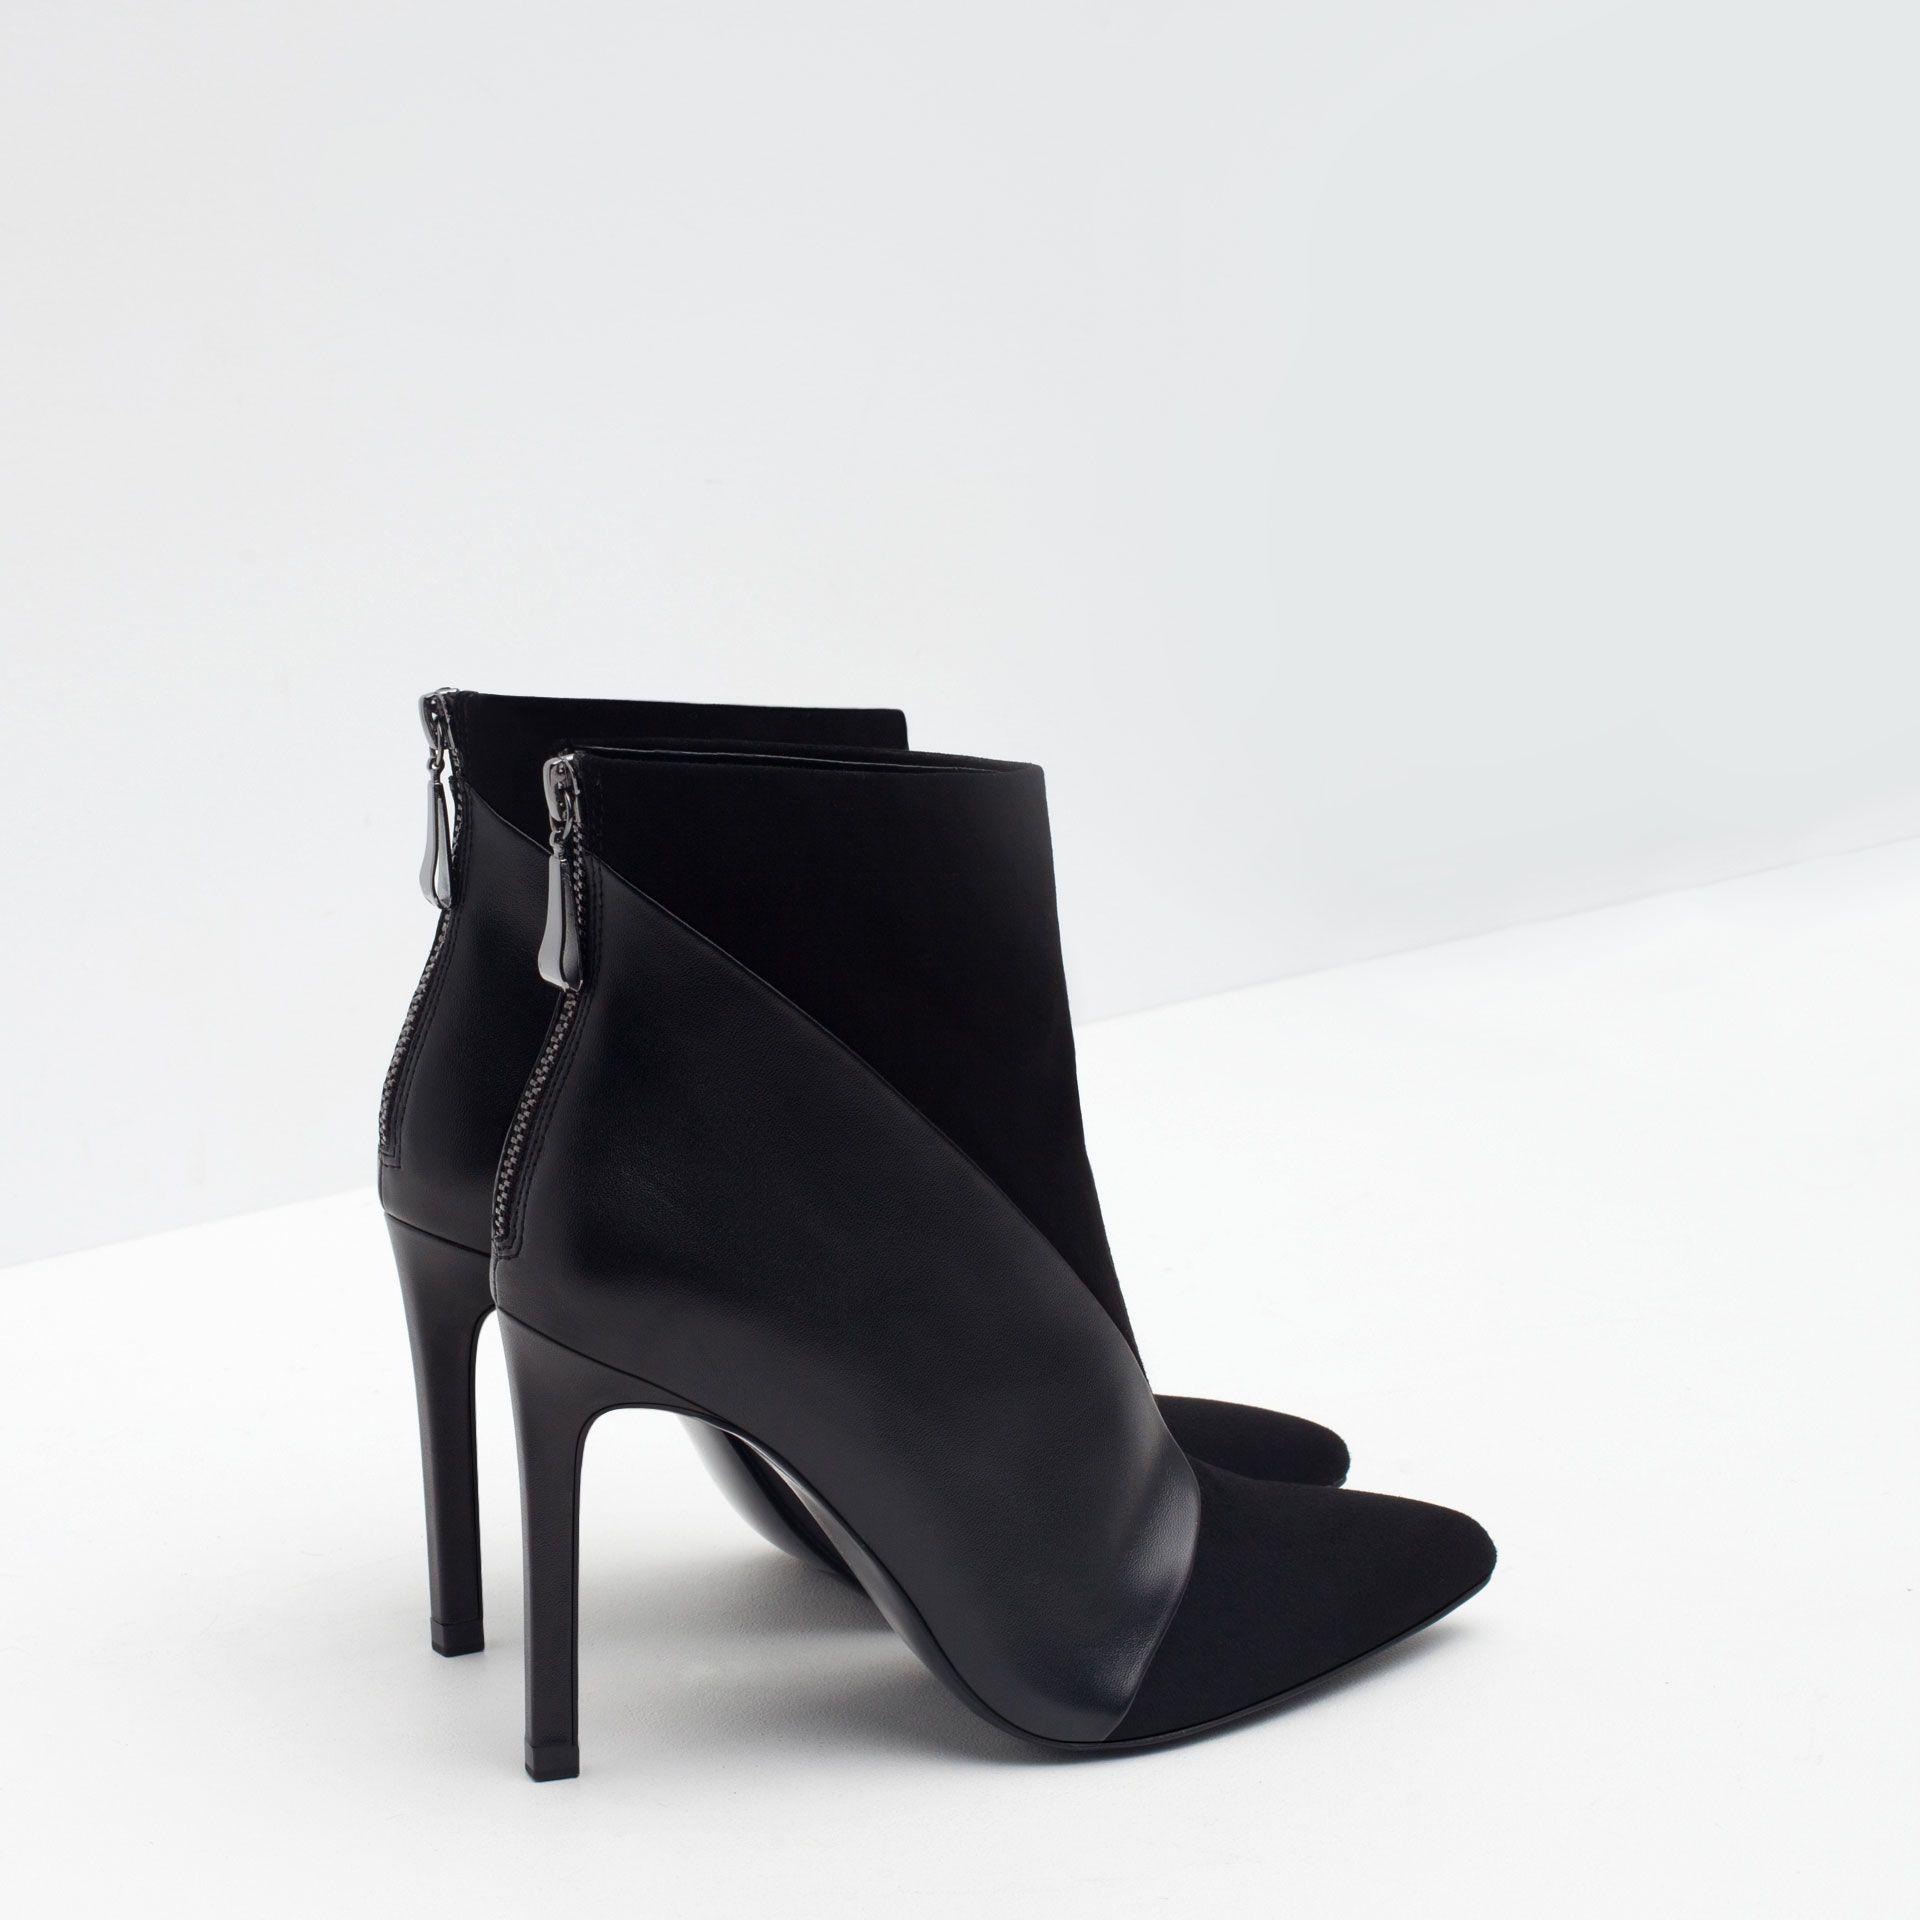 bottines talon en cuir chaussures et sacs femme nouveaut s zara france ma chaussure. Black Bedroom Furniture Sets. Home Design Ideas